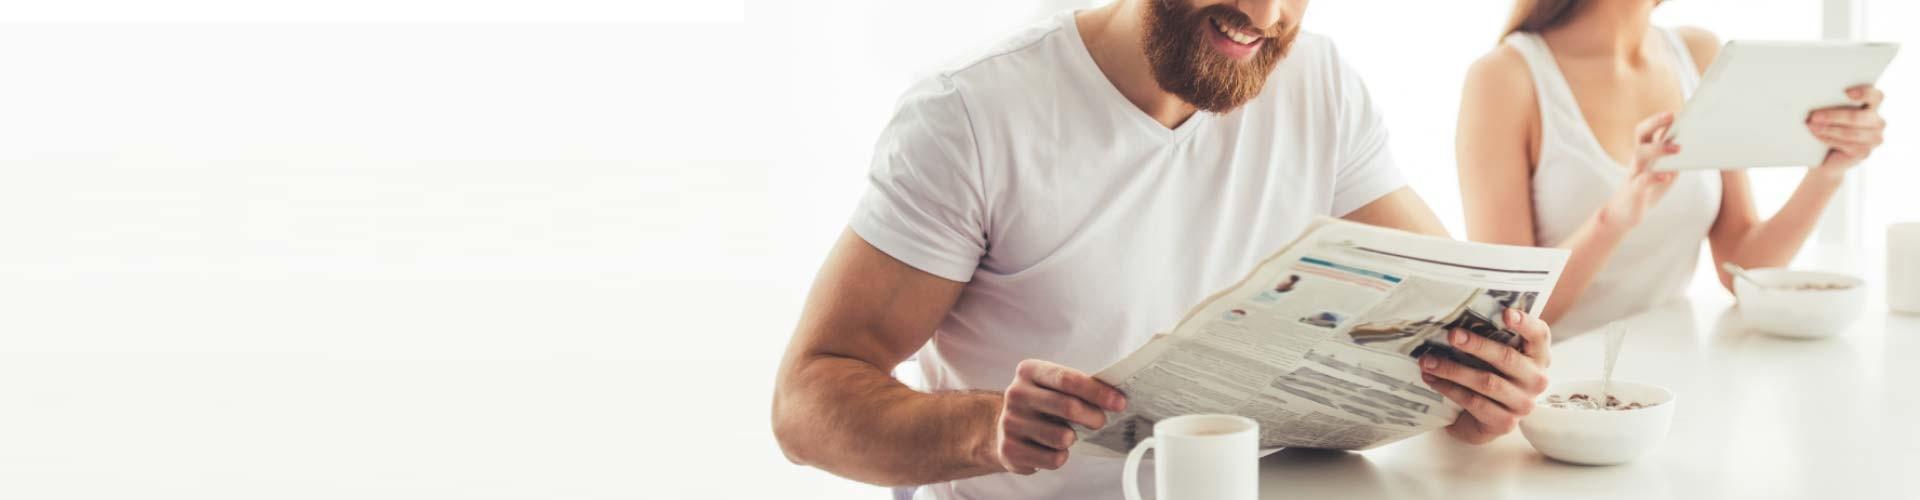 Pärchen liest Nachrichten beim gemeinsamen Frühstück © stock.adobe, stock.adobe